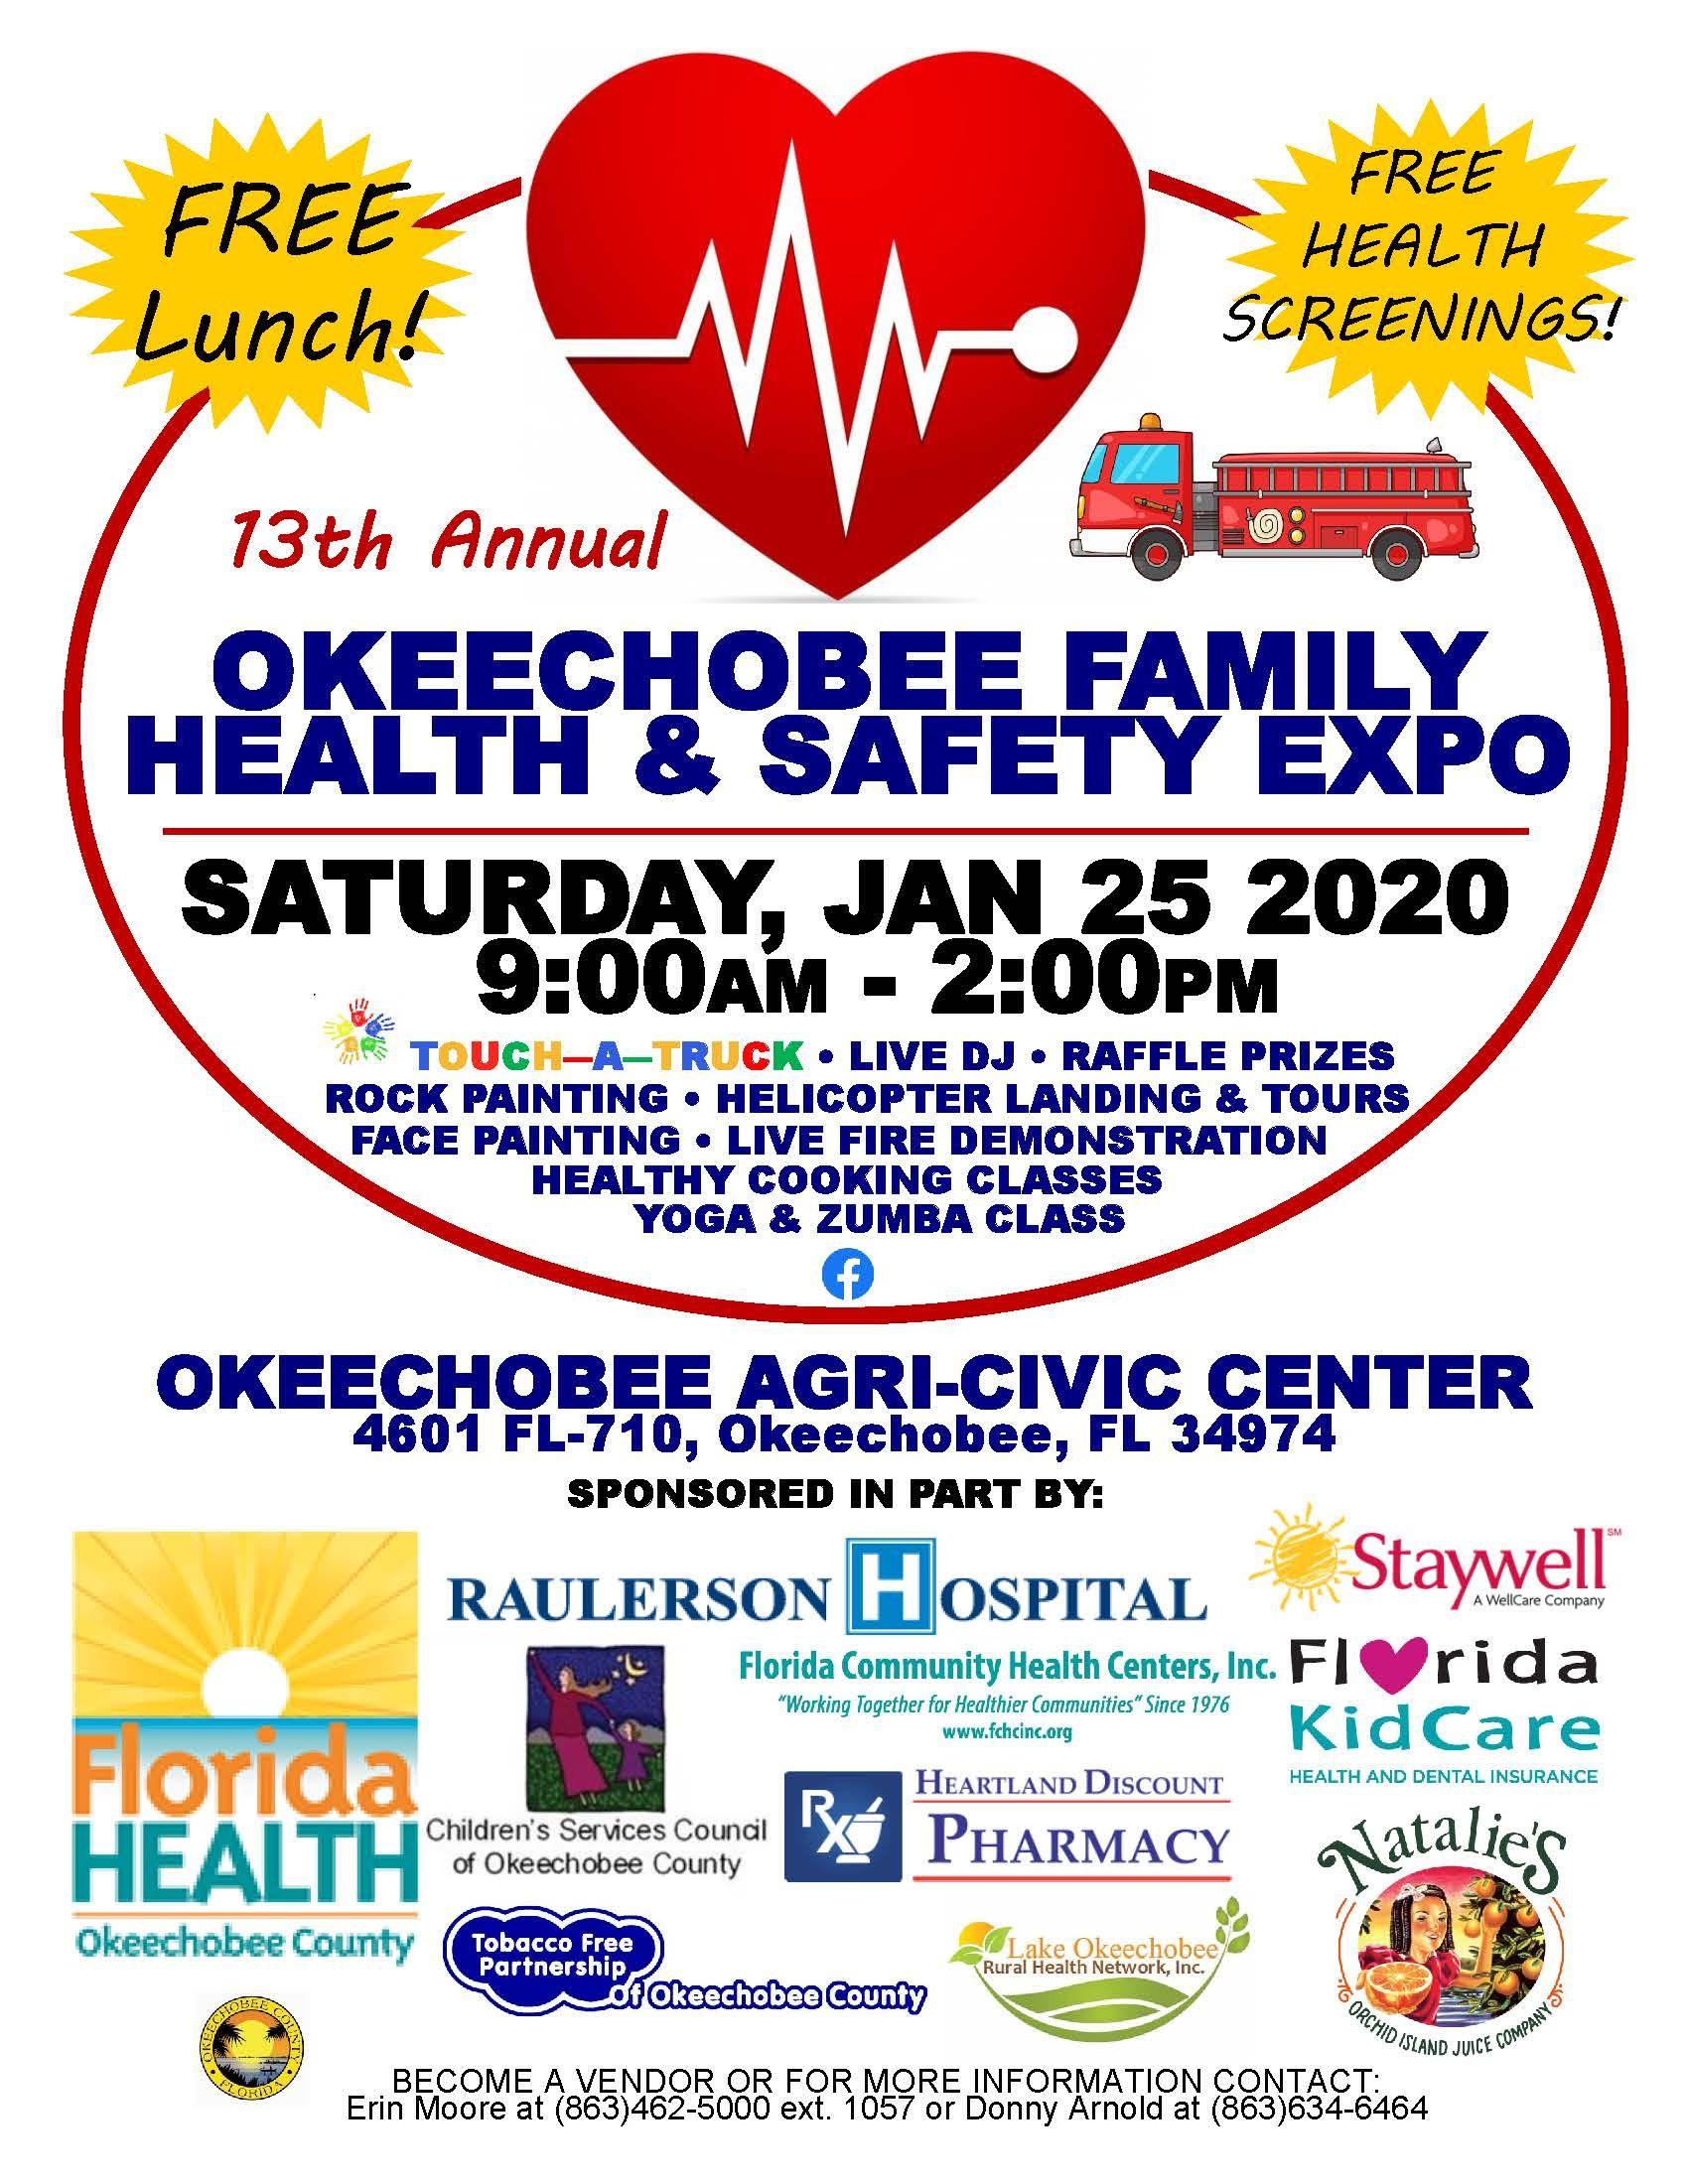 Okeechobee Family Health & Safety Expo